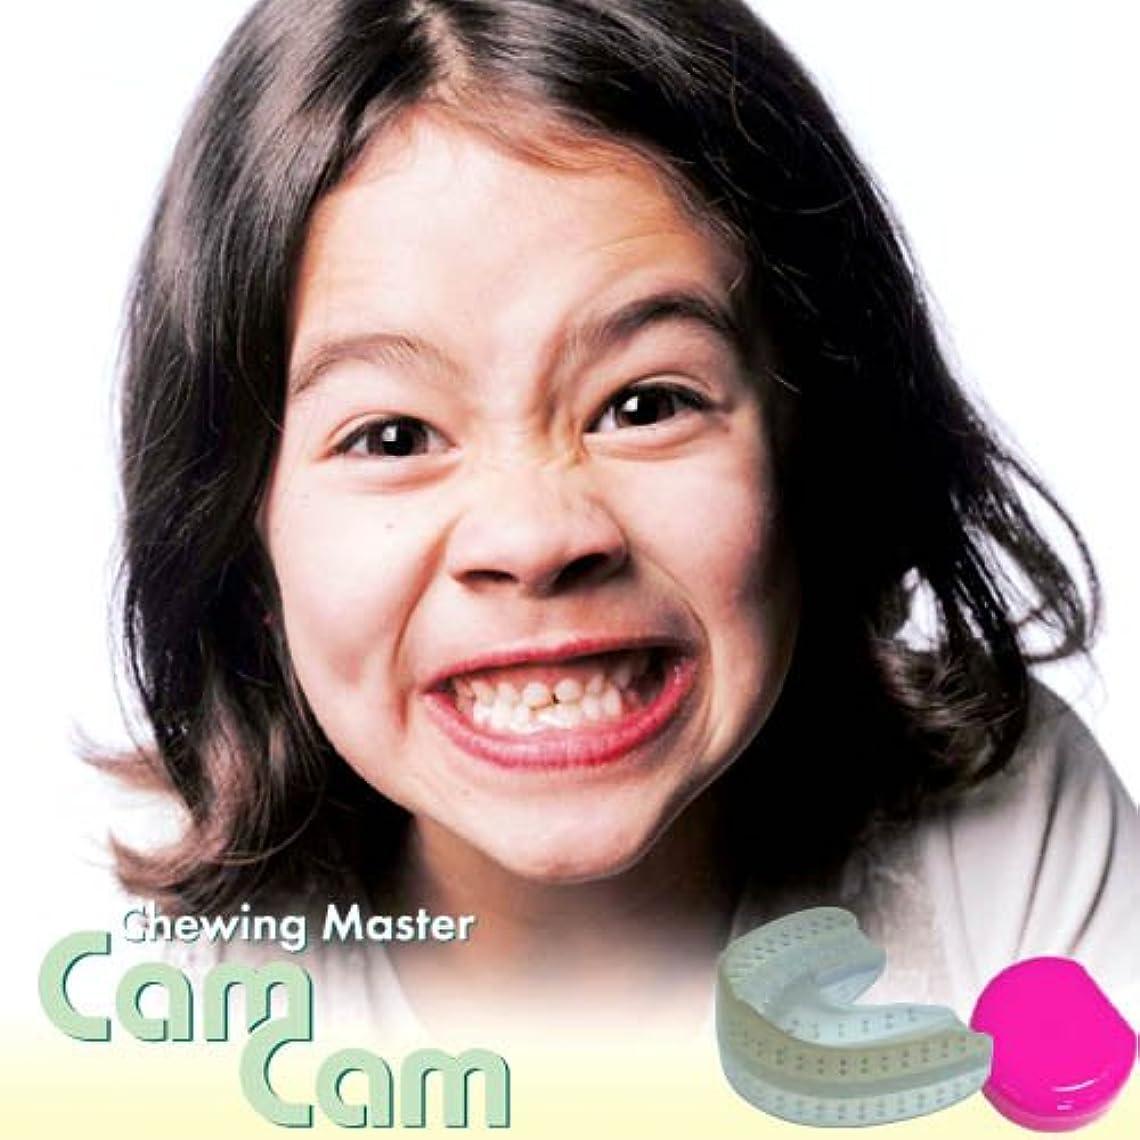 ジャニス箱繰り返し歯科医師開発 口腔筋機能トレーニング マウスピース 【CamCam MD (ピンク)】混合歯列期から永久歯列期用